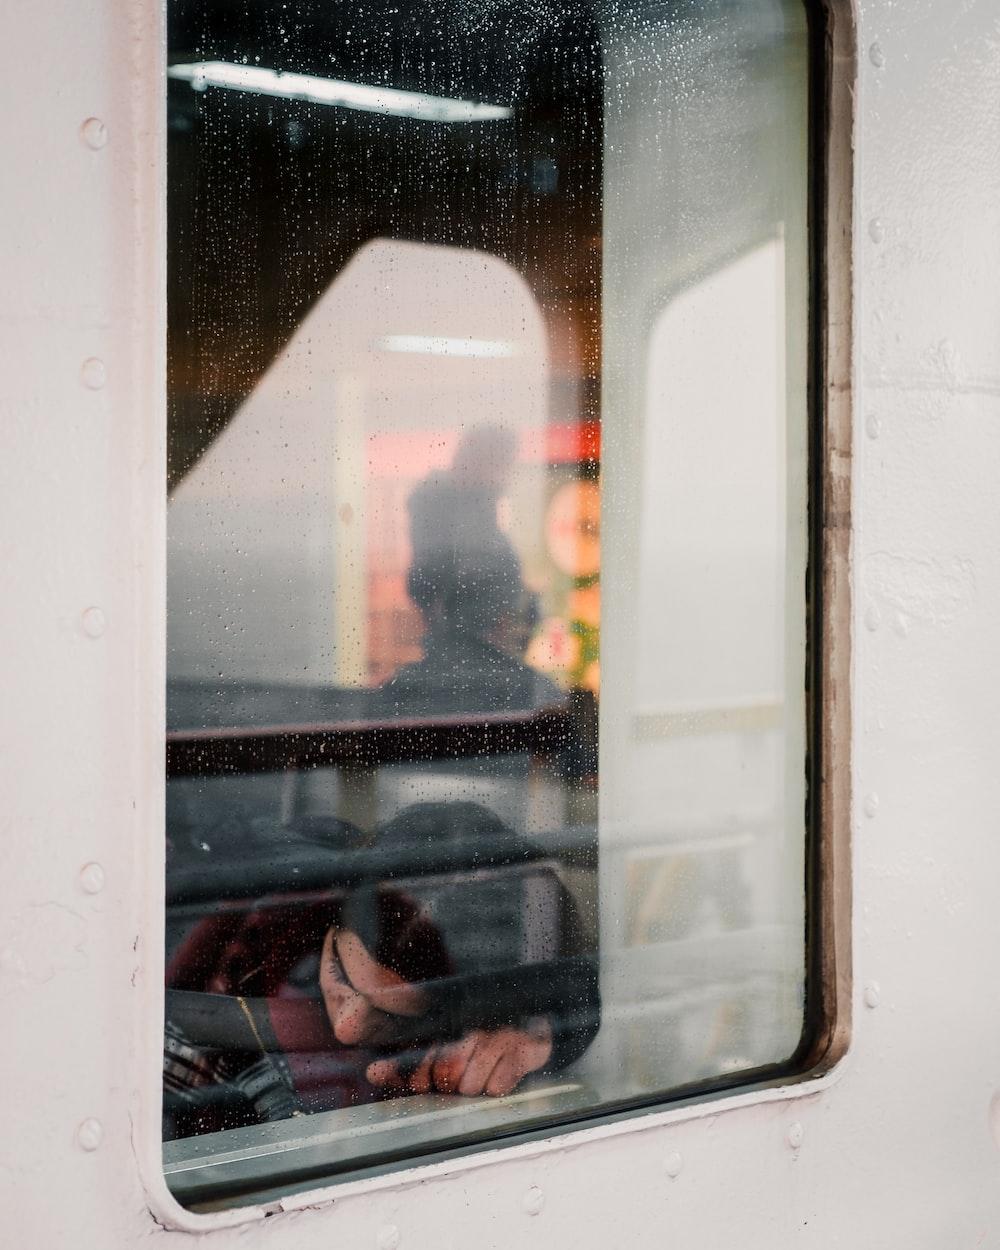 woman lying near window